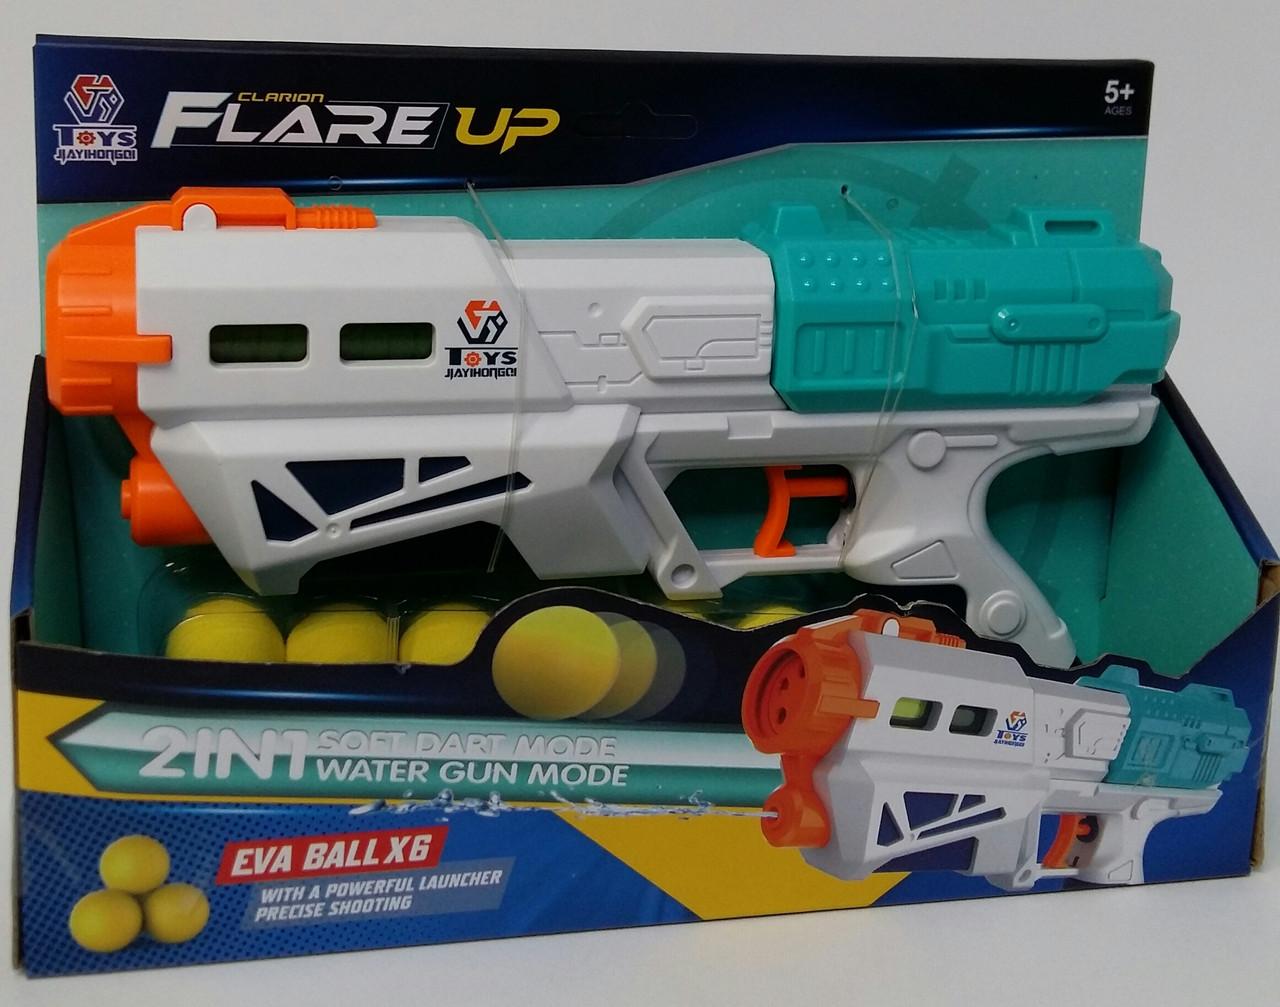 Автомат, игрушечное оружие, бластер 648-55